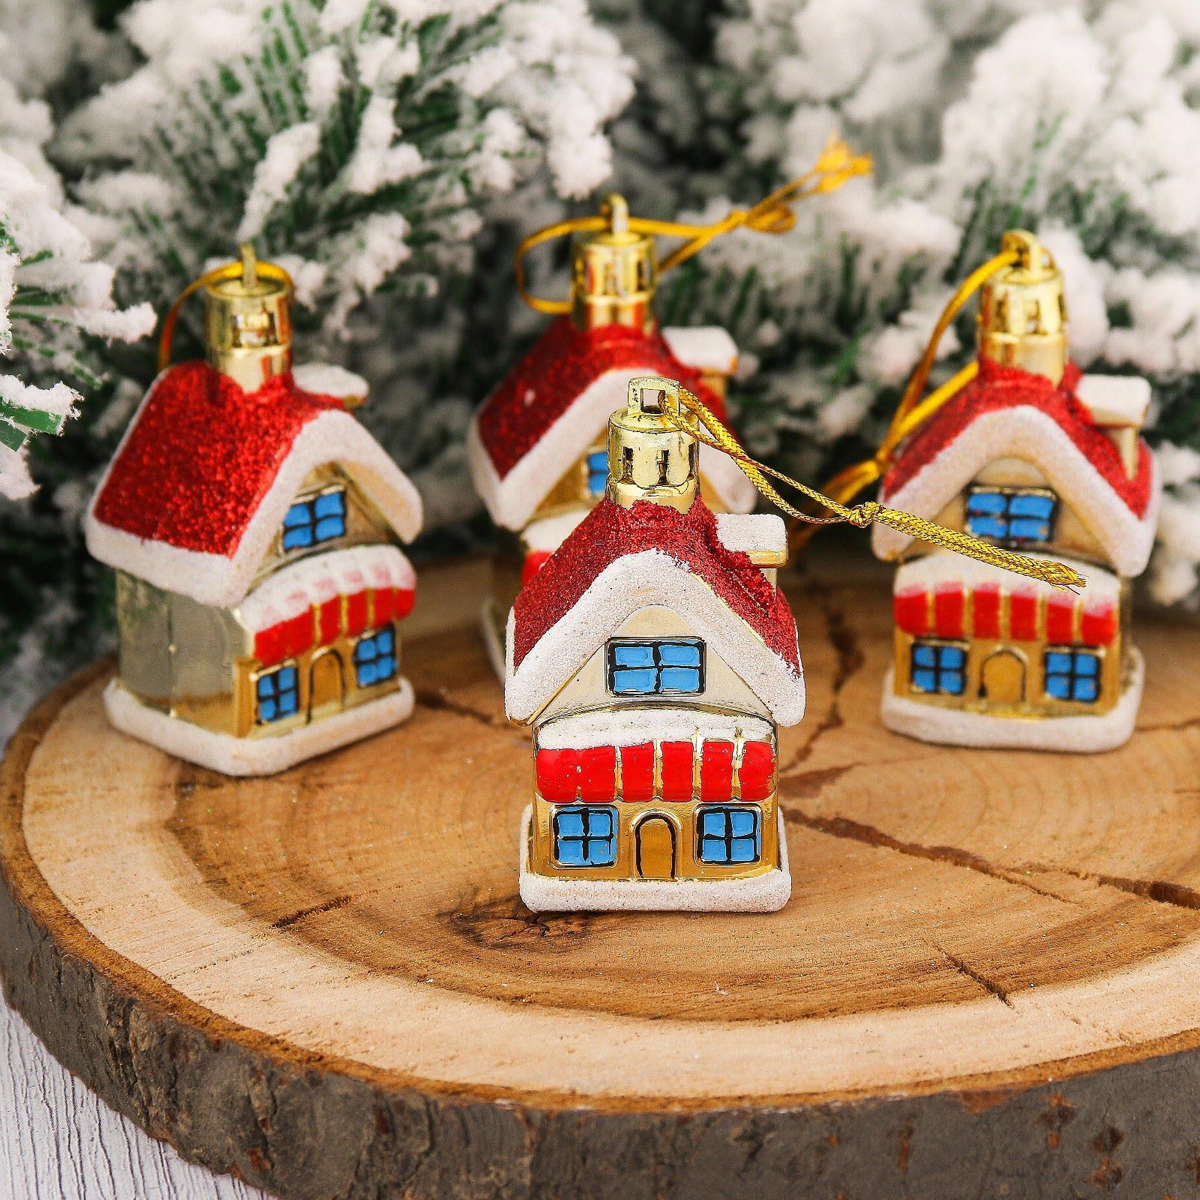 Набор новогодних подвесных украшений Домики, 5 х 3,5 см, 4 шт2123087Набор новогодних подвесных украшений отлично подойдет для декорации вашего дома и новогодней ели. С помощью специальной петельки украшение можно повесить в любом понравившемся вам месте. Но, конечно, удачнее всего оно будет смотреться на праздничной елке.Елочная игрушка - символ Нового года. Она несет в себе волшебство и красоту праздника. Такое украшение создаст в вашем доме атмосферу праздника, веселья и радости.